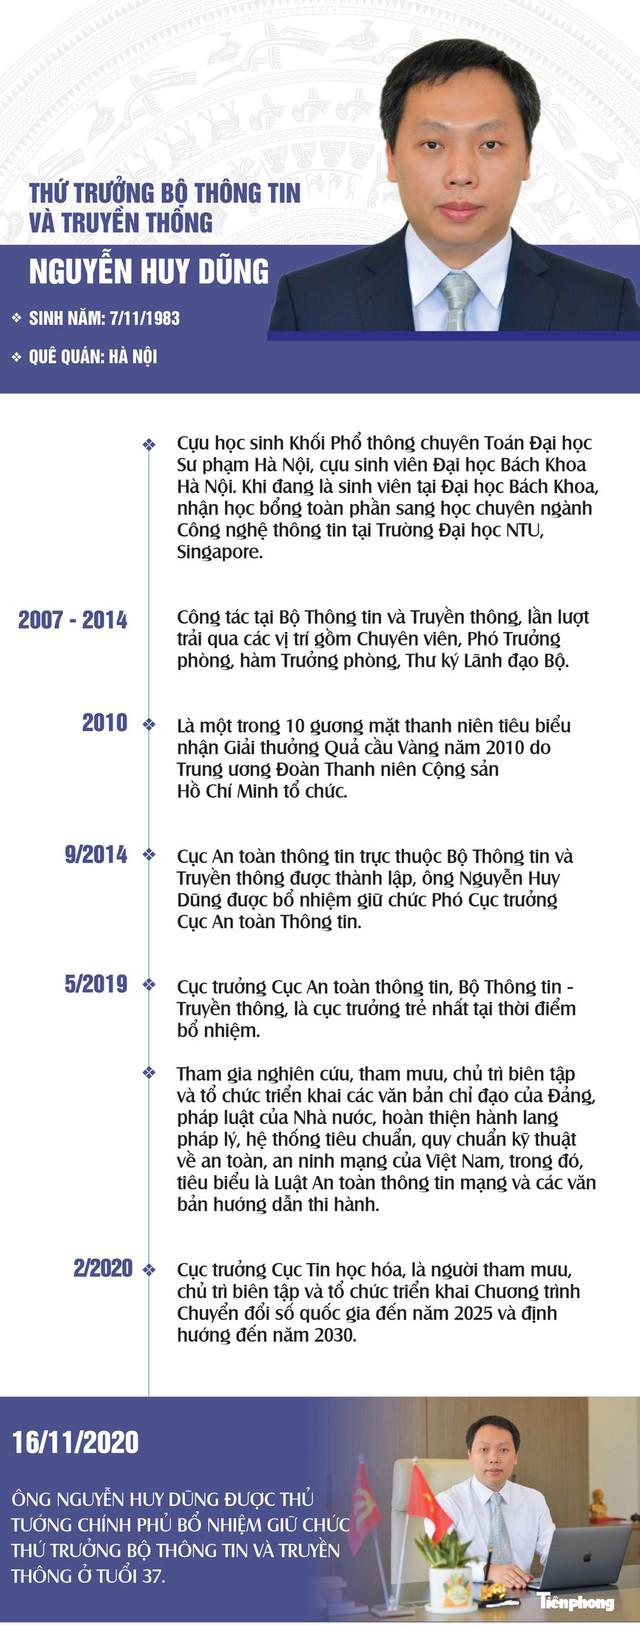 Chân dung ông Nguyễn Huy Dũng-Thứ trưởng trẻ nhất Việt Nam - Ảnh 1.